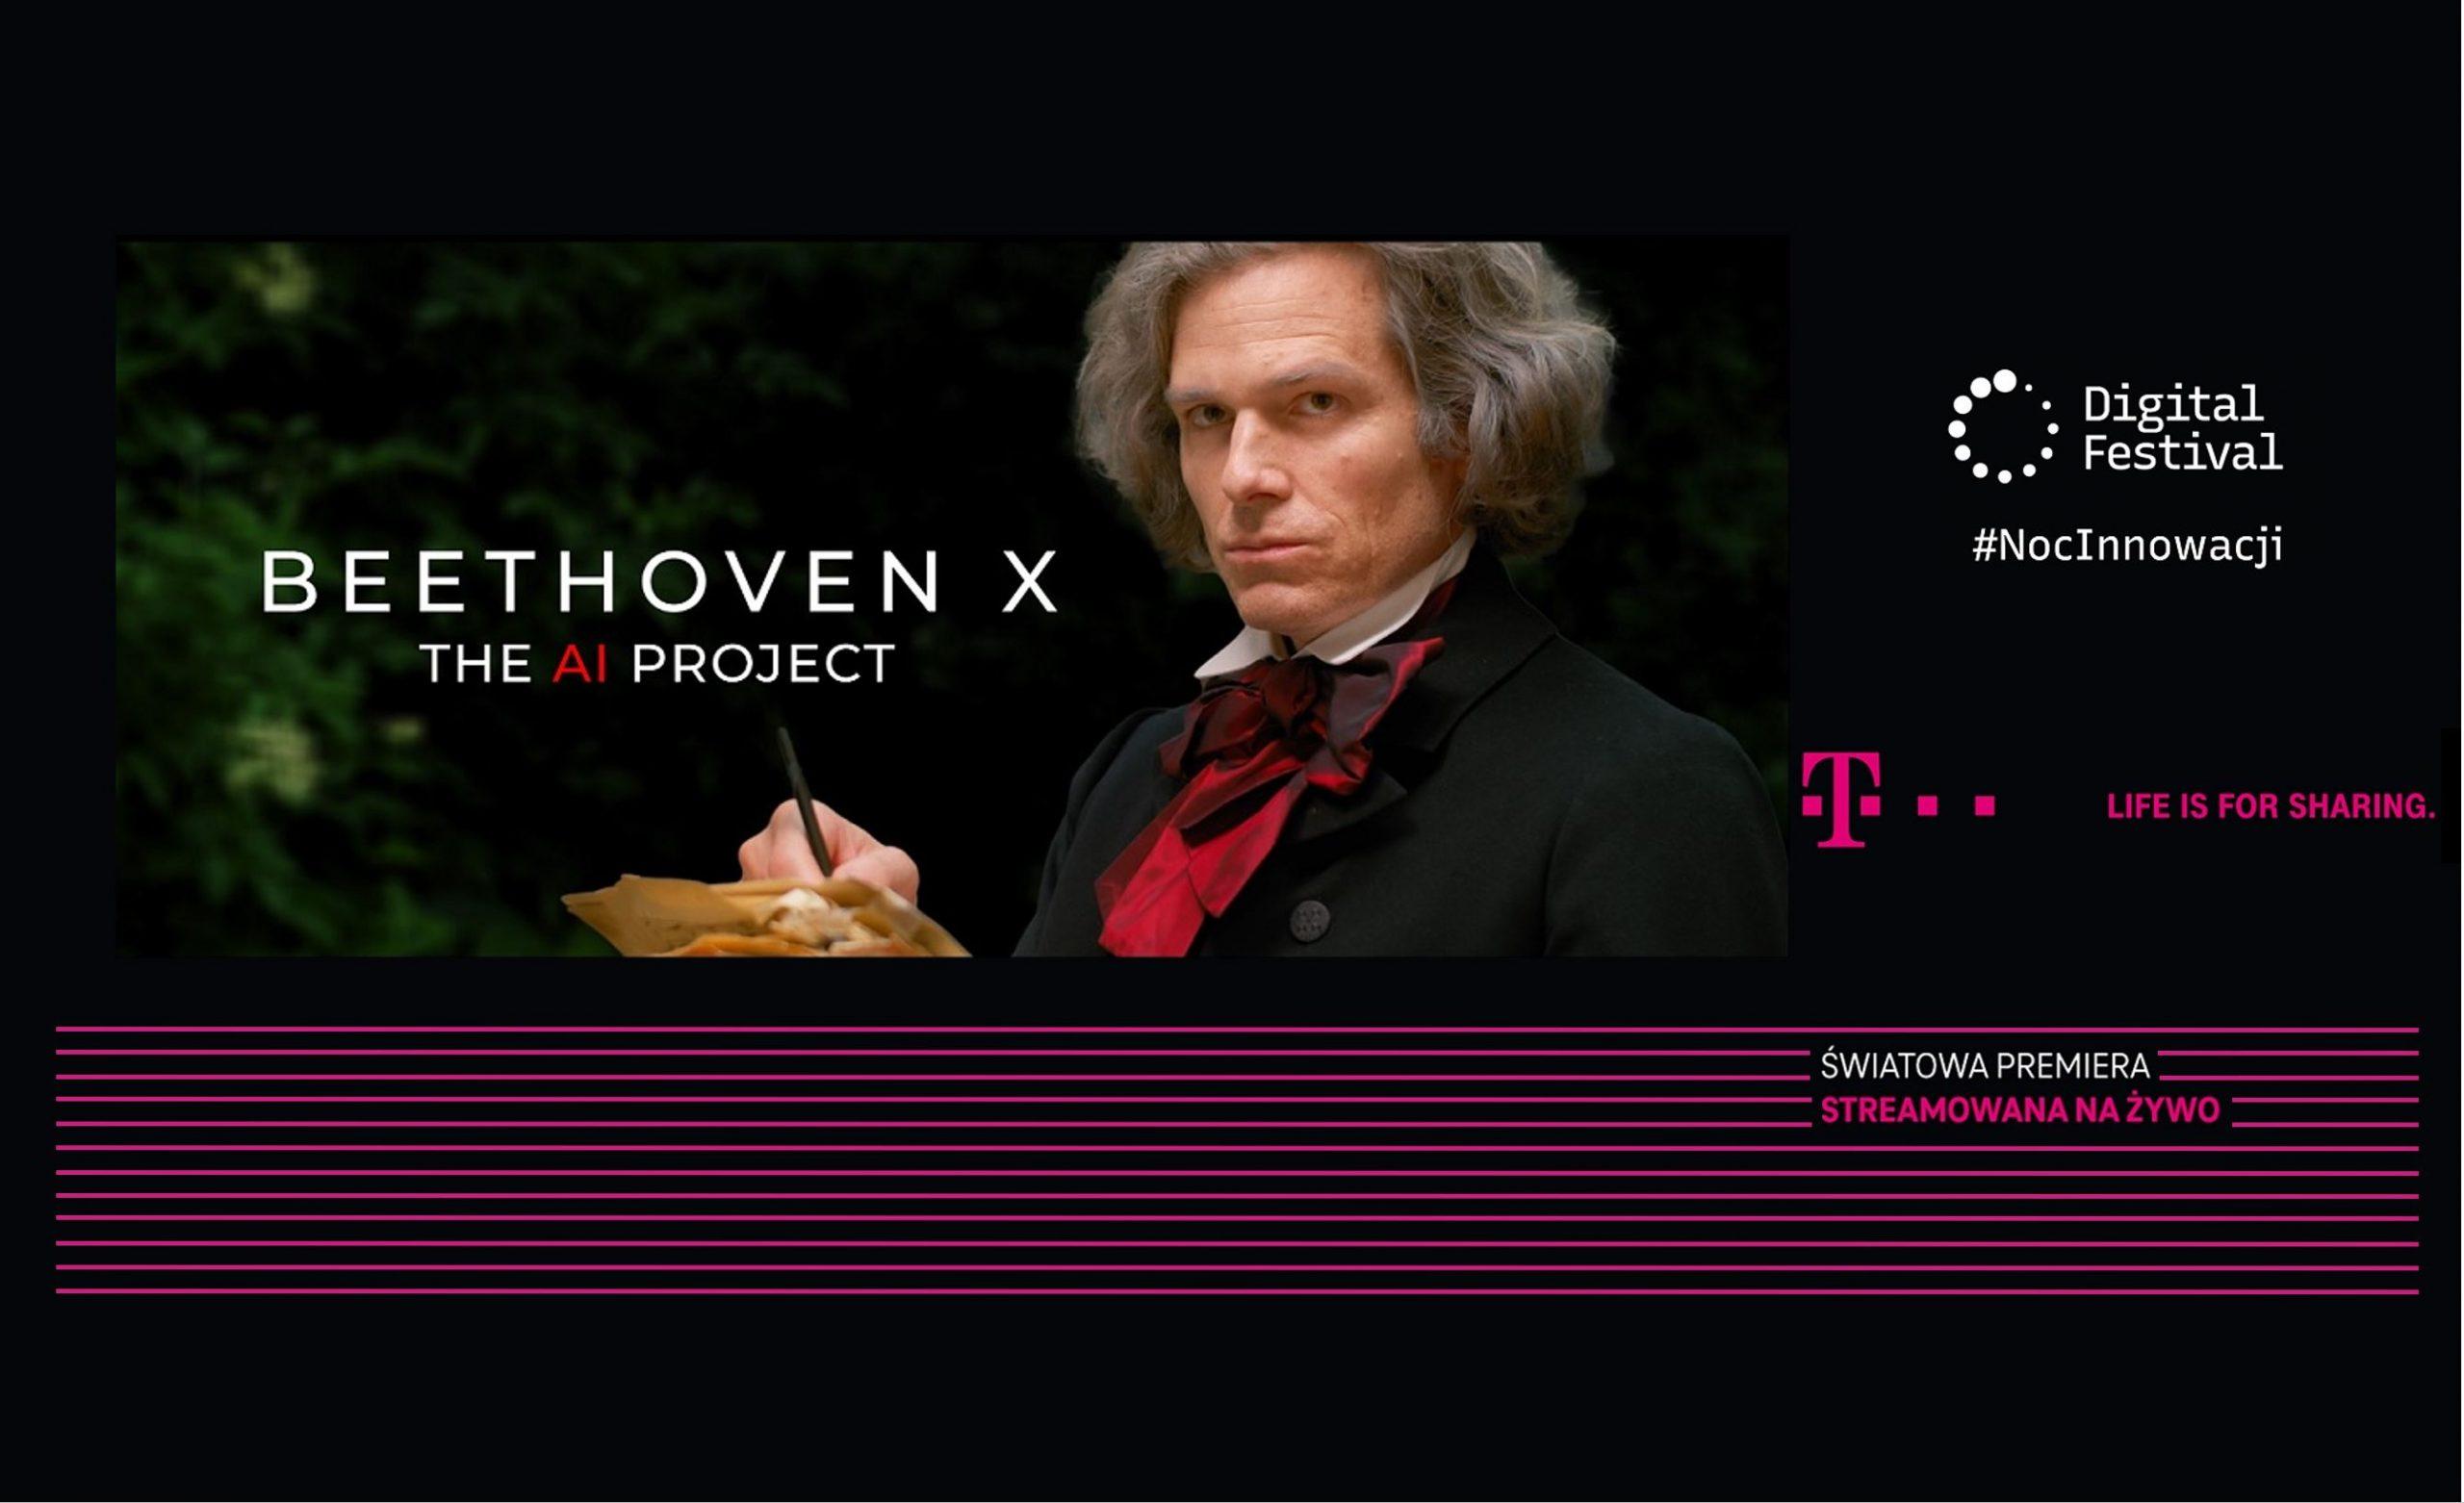 """Światowa premiera ukończonej przez sztuczną inteligencję """"X Symfonii"""" Beethovena"""